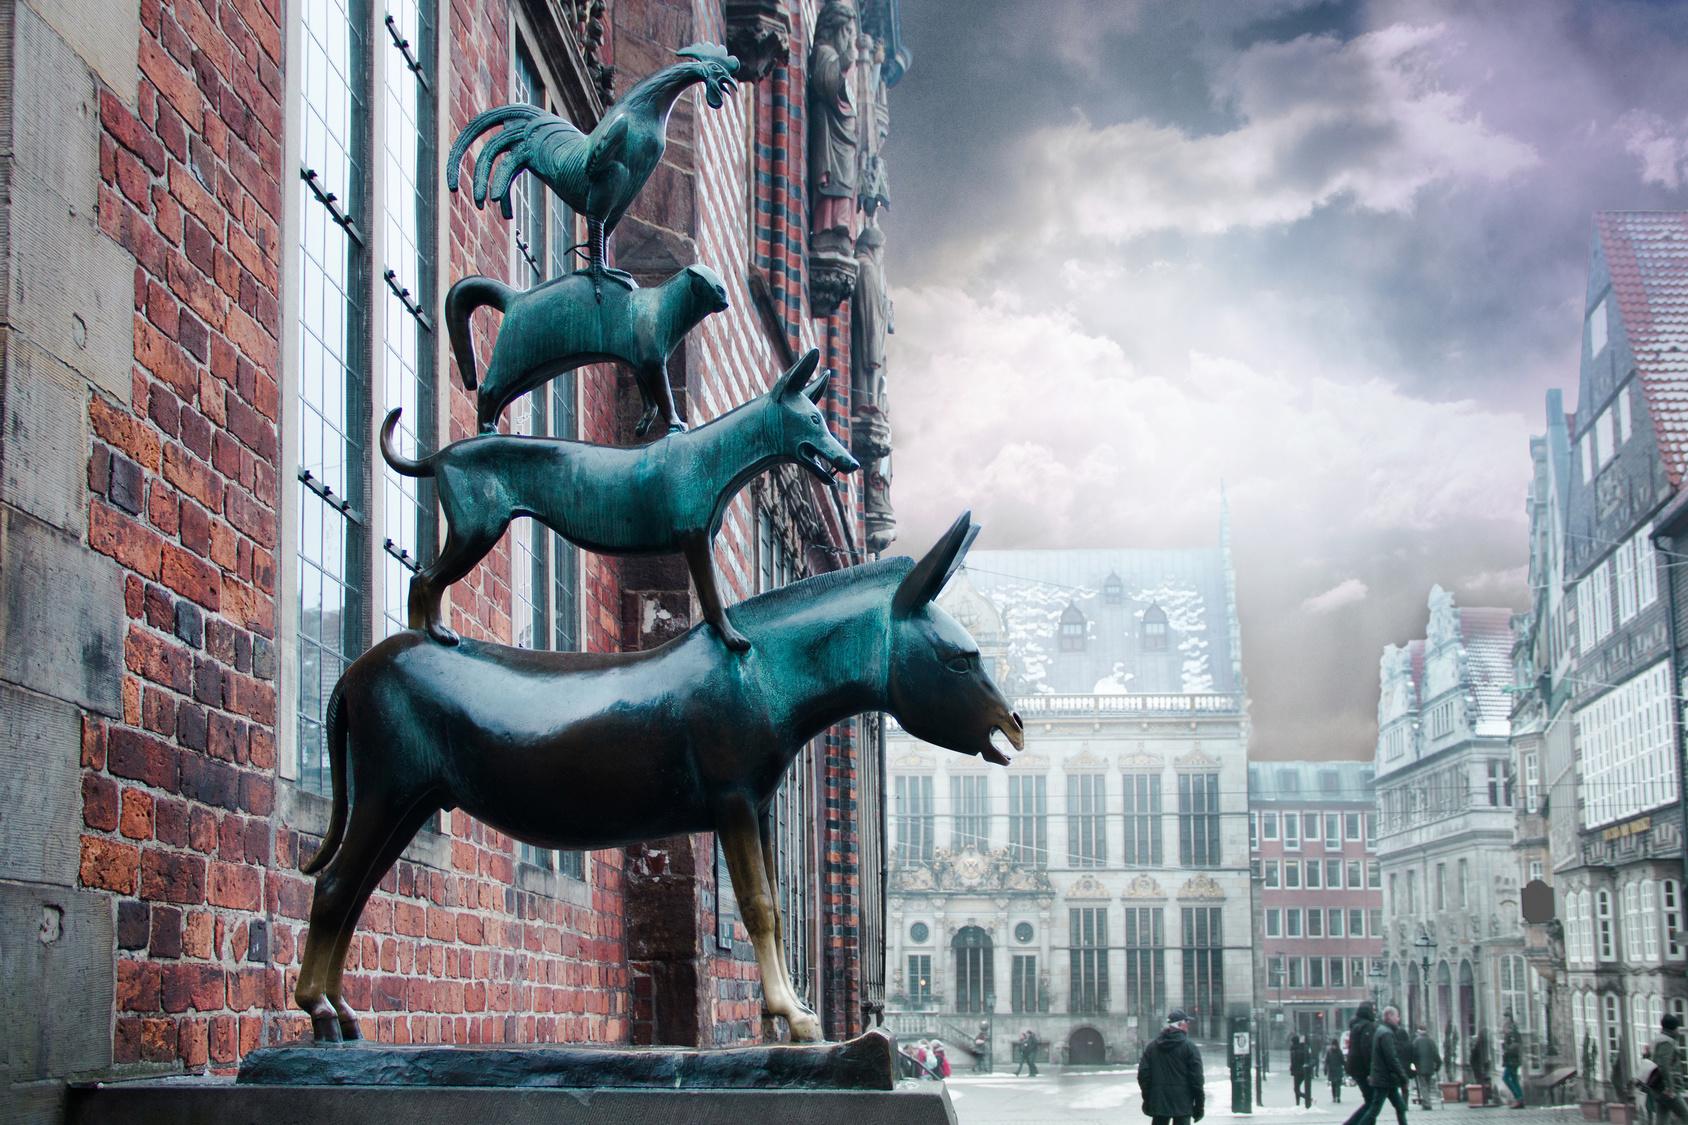 Bronzefigur der Bremer Stadtmusikanten vor dem Bremer Rathaus mit Aussicht auf den Rathausplatz.